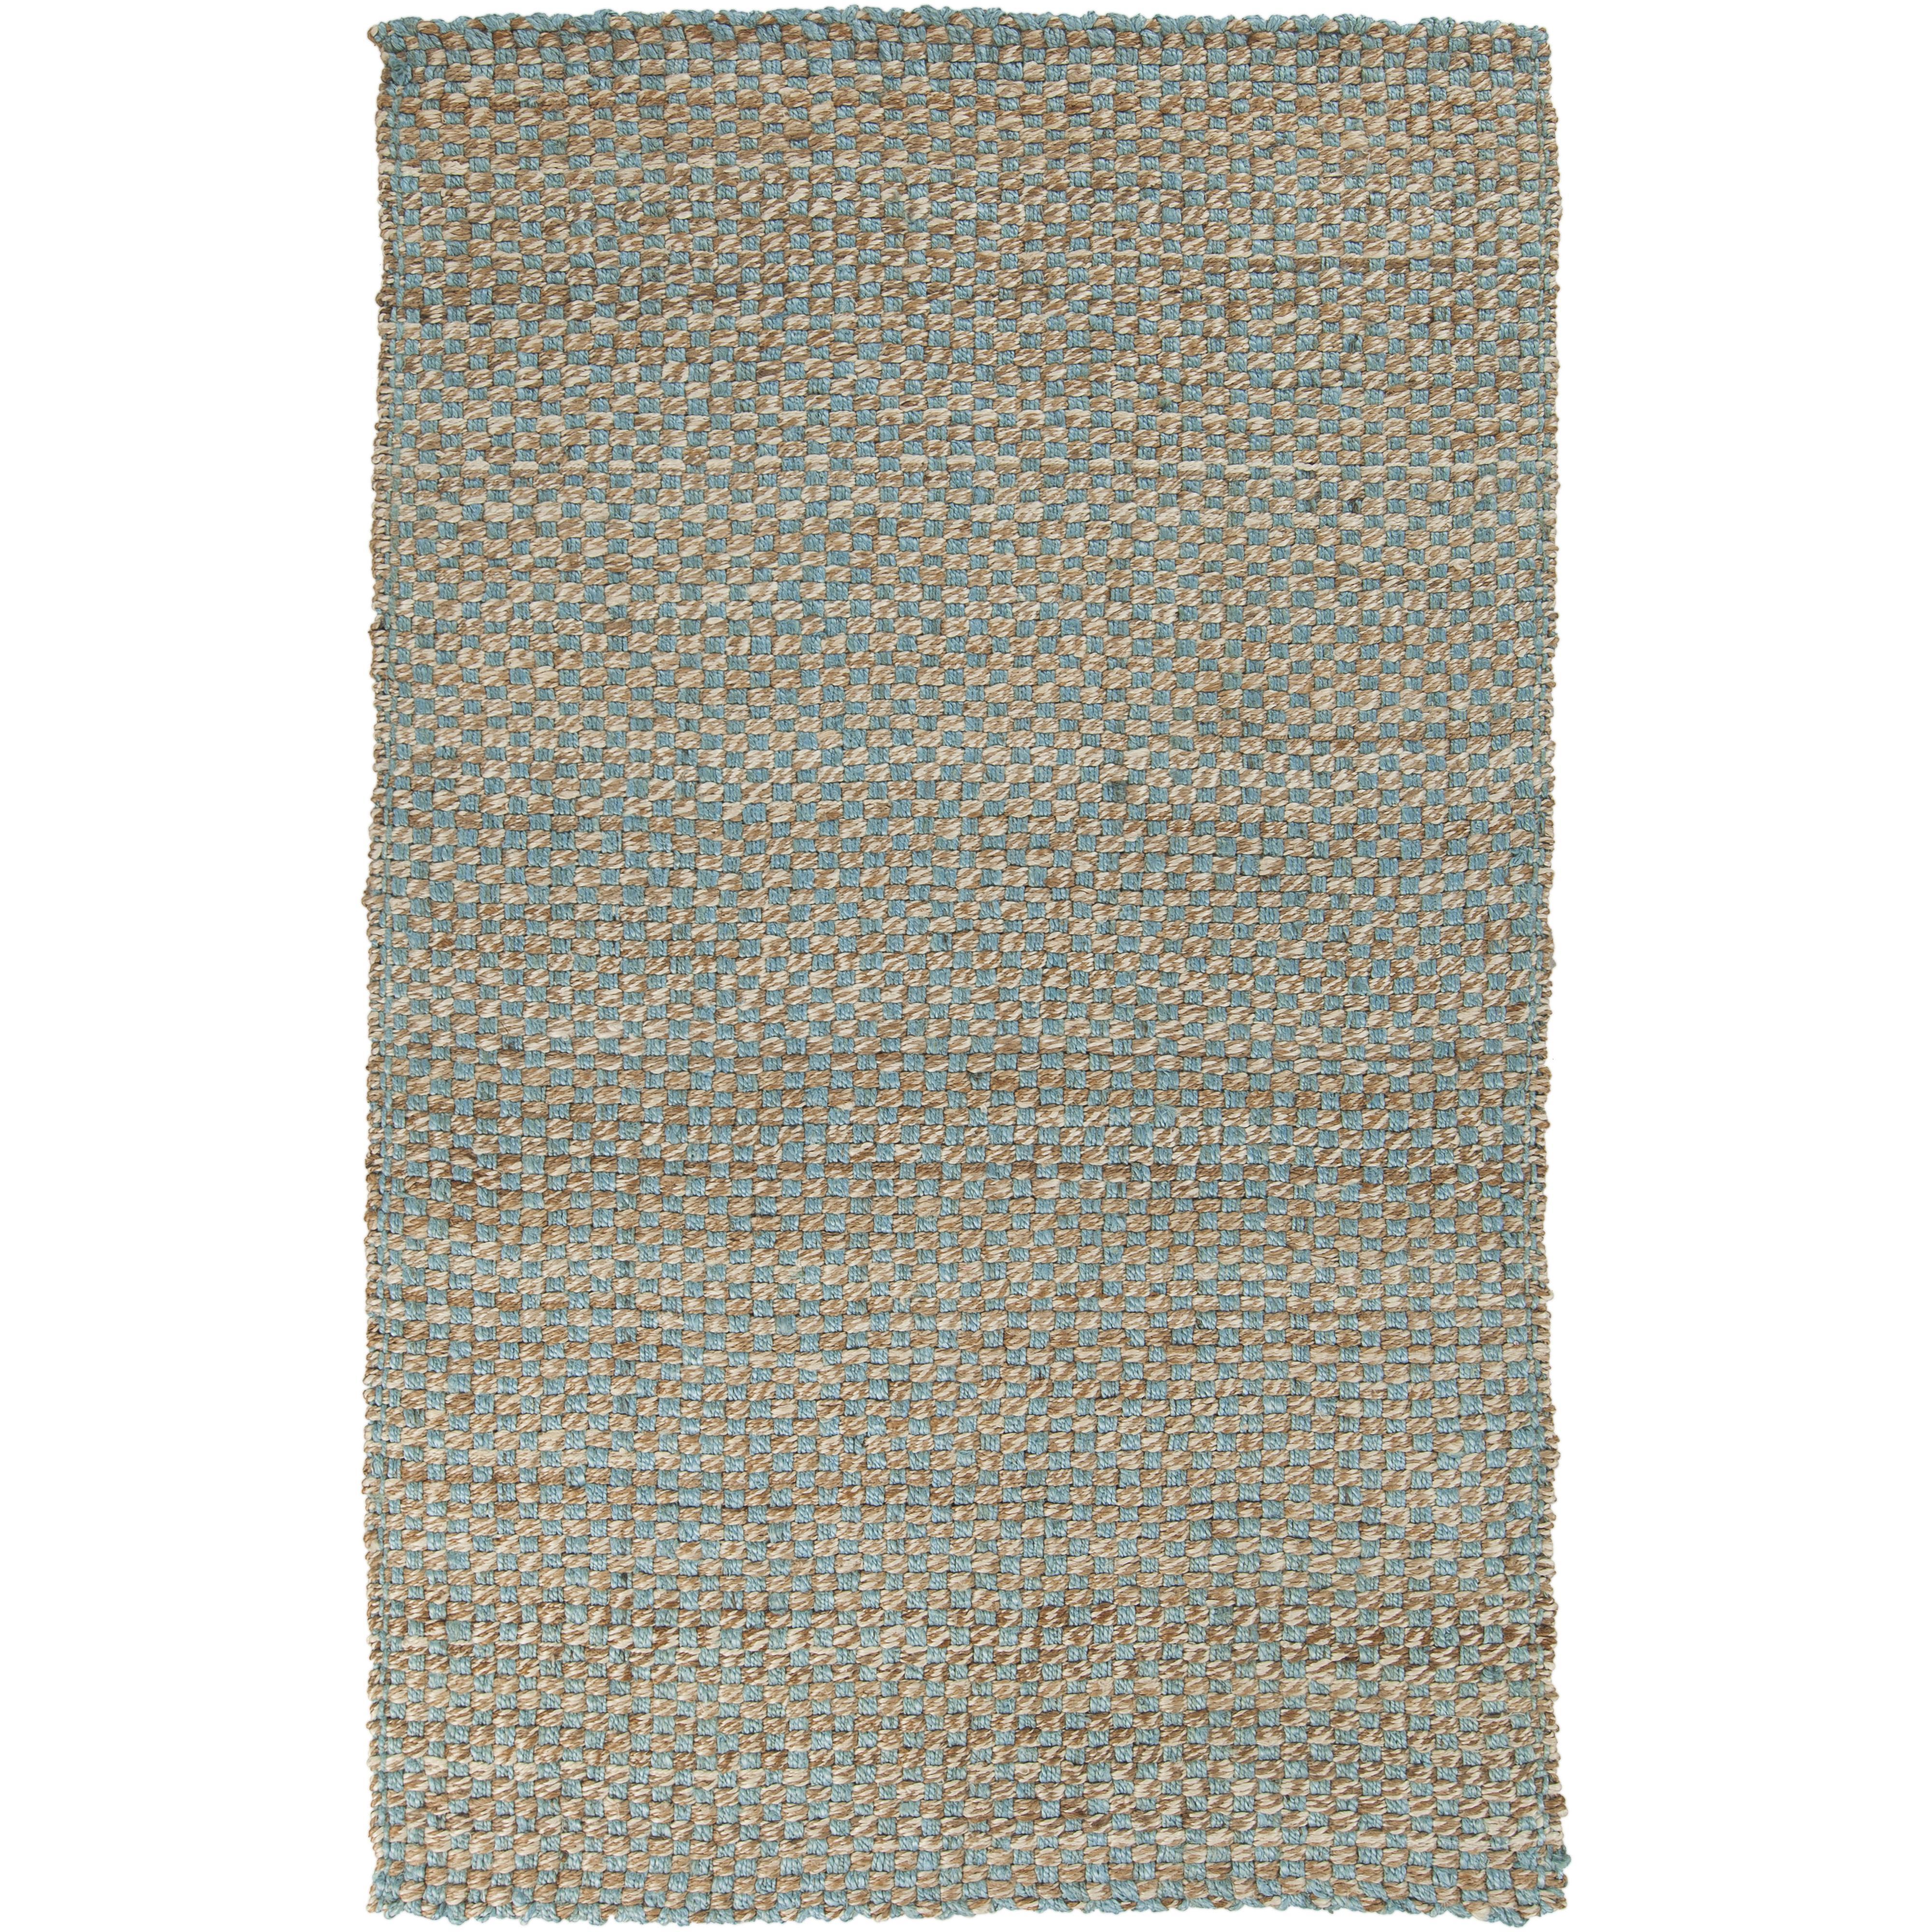 Surya Rugs Reeds 5' x 8' - Item Number: REED823-58